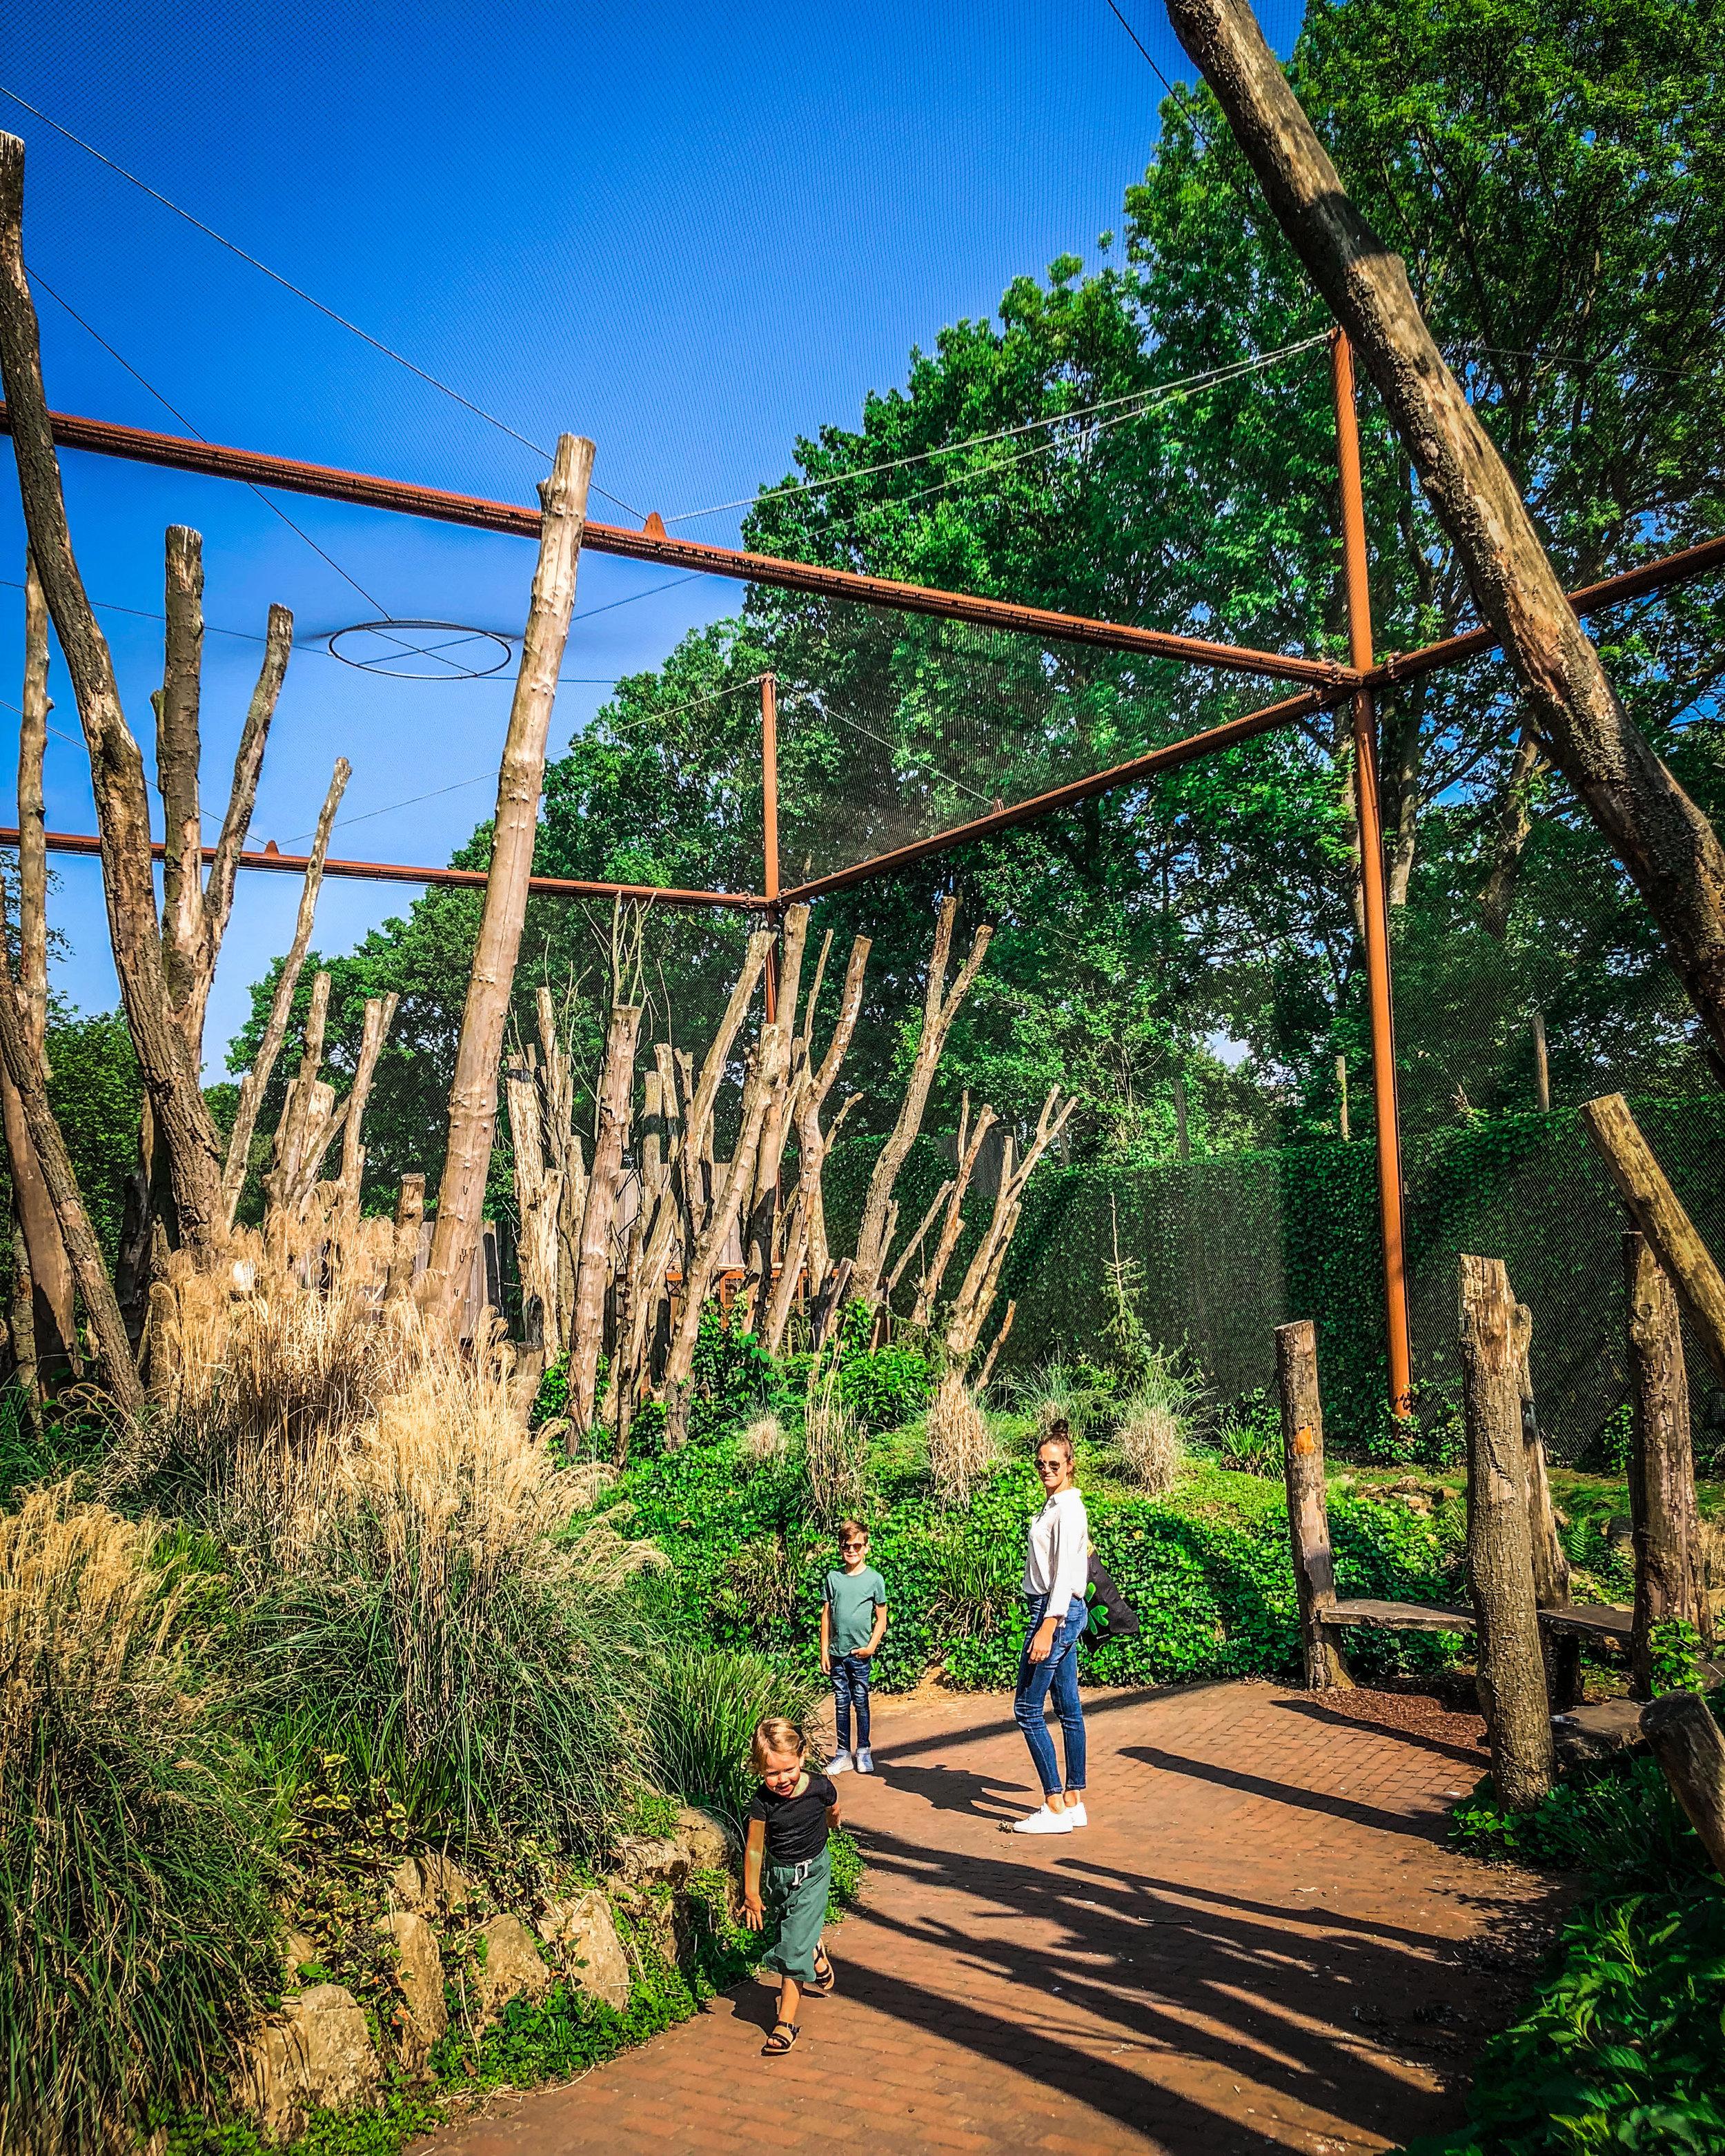 Limburglonkt - Kerkrade Gaiazoo - reizen met kinderen - wandelen tussen vogels